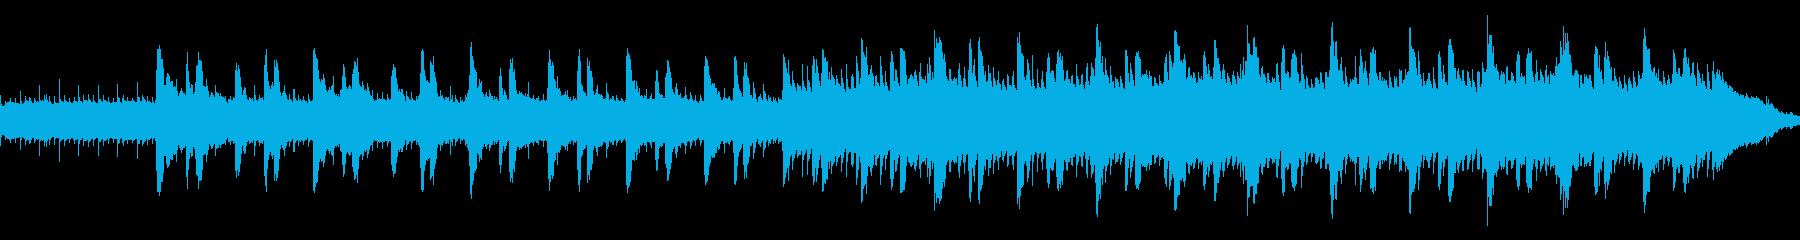 不気味で不吉な心霊体験ホラー ループ仕様の再生済みの波形